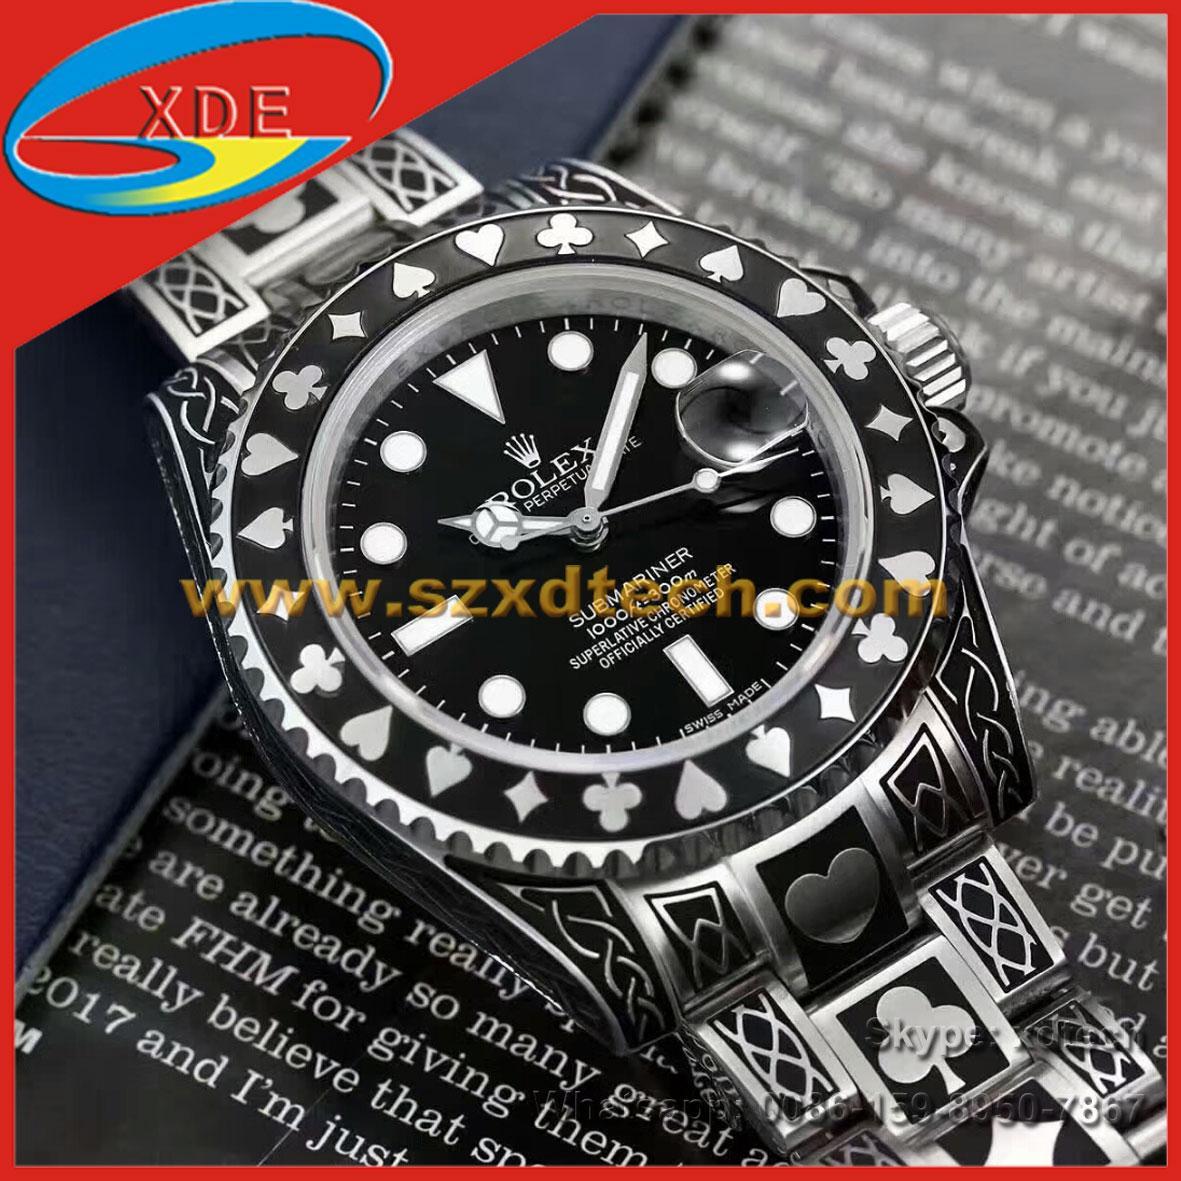 Rolex Watches Poker Design Cool Watches Rolex Submariner